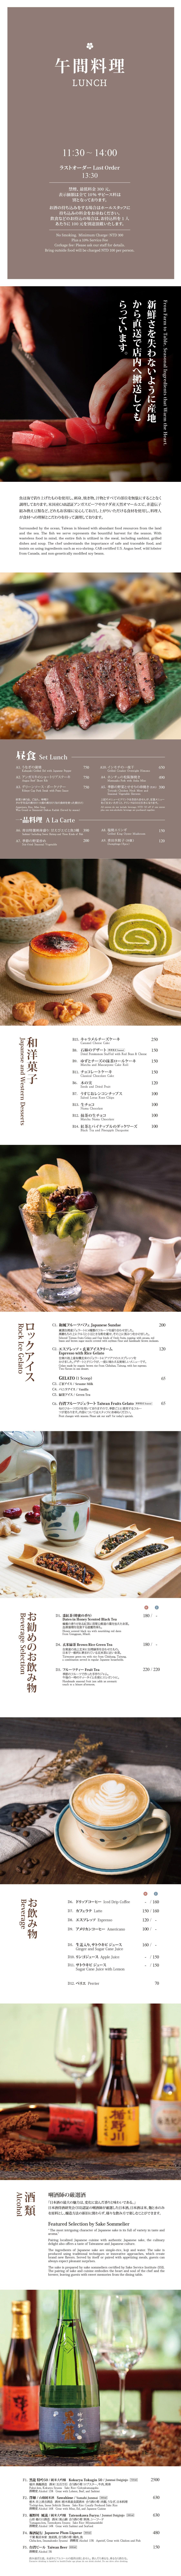 qingtian76-lunch-menu-202101